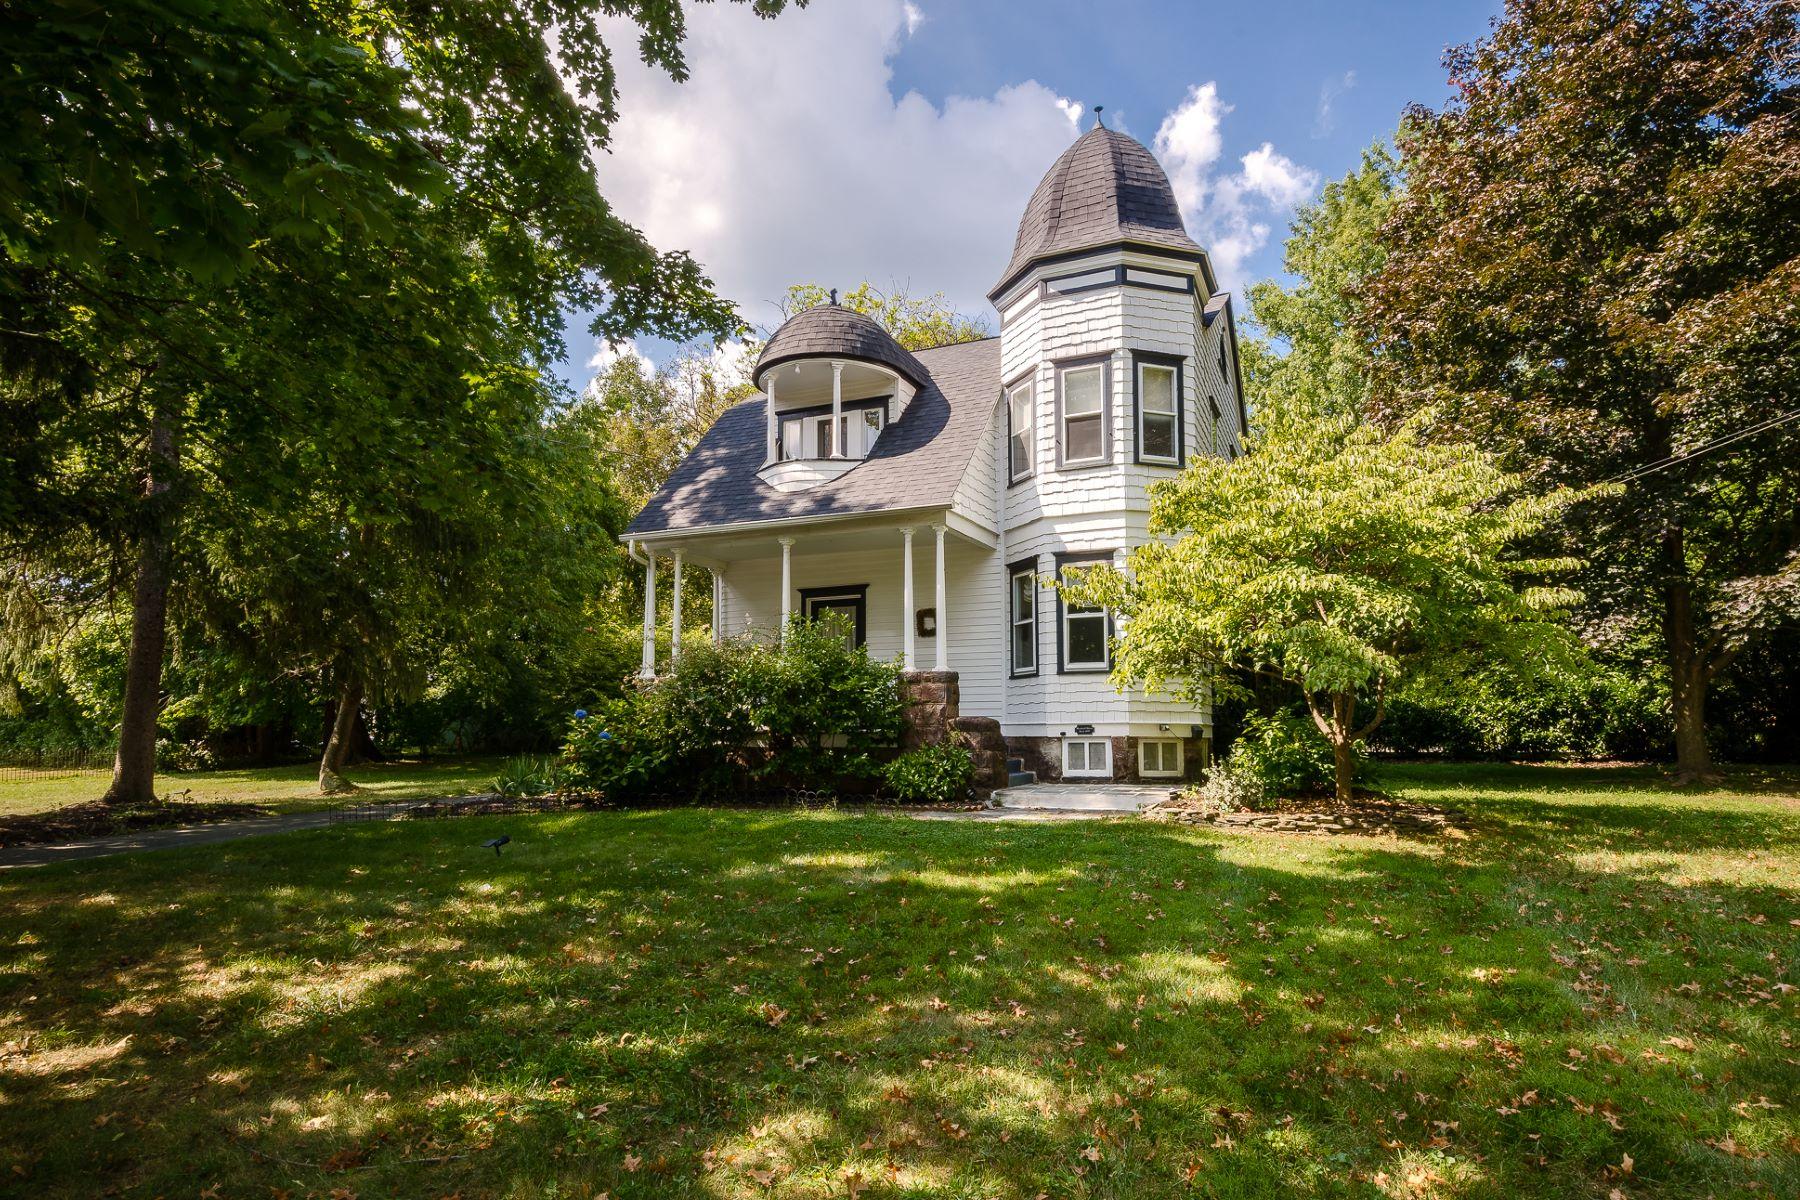 Μονοκατοικία για την Πώληση στο Timeless And Elegant 146 Summit Avenue, Ewing, Νιου Τζερσεϋ 08628 Ηνωμενεσ ΠολιτειεσΣτην/Γύρω: Ewing Township